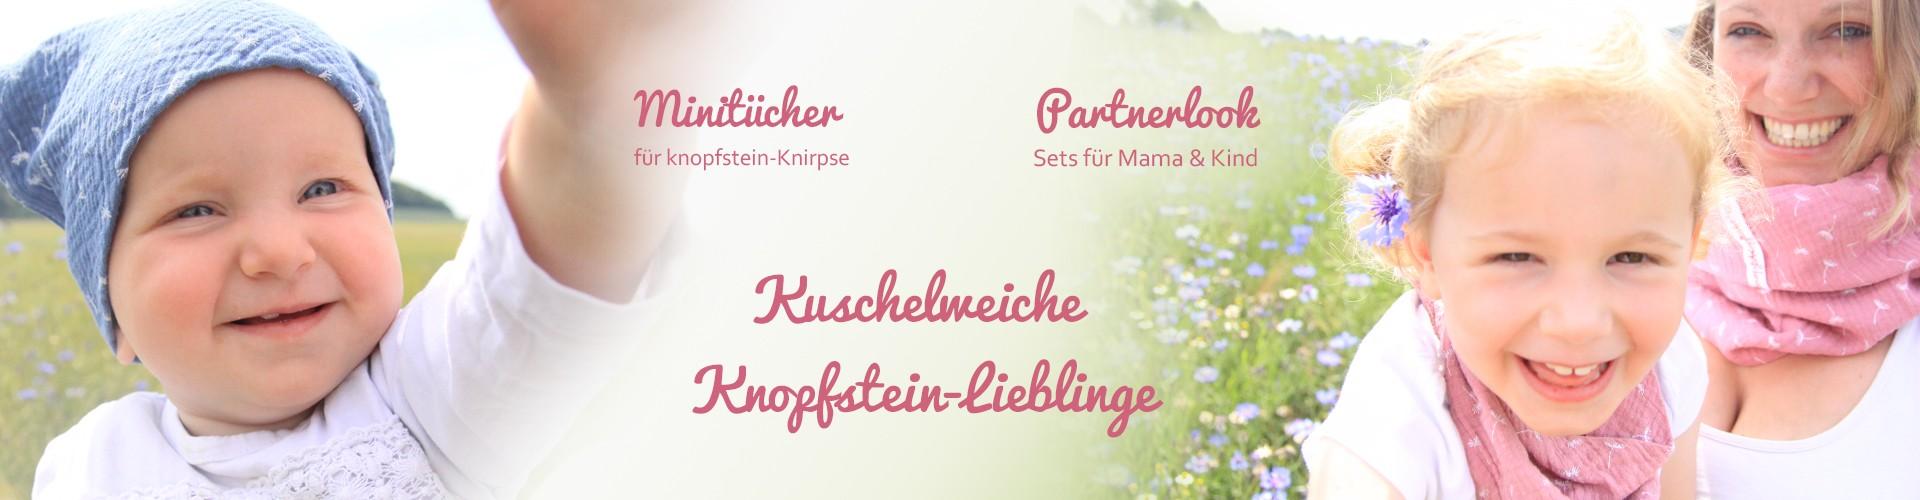 Kuschelweiche Knopfstein-lieblinge